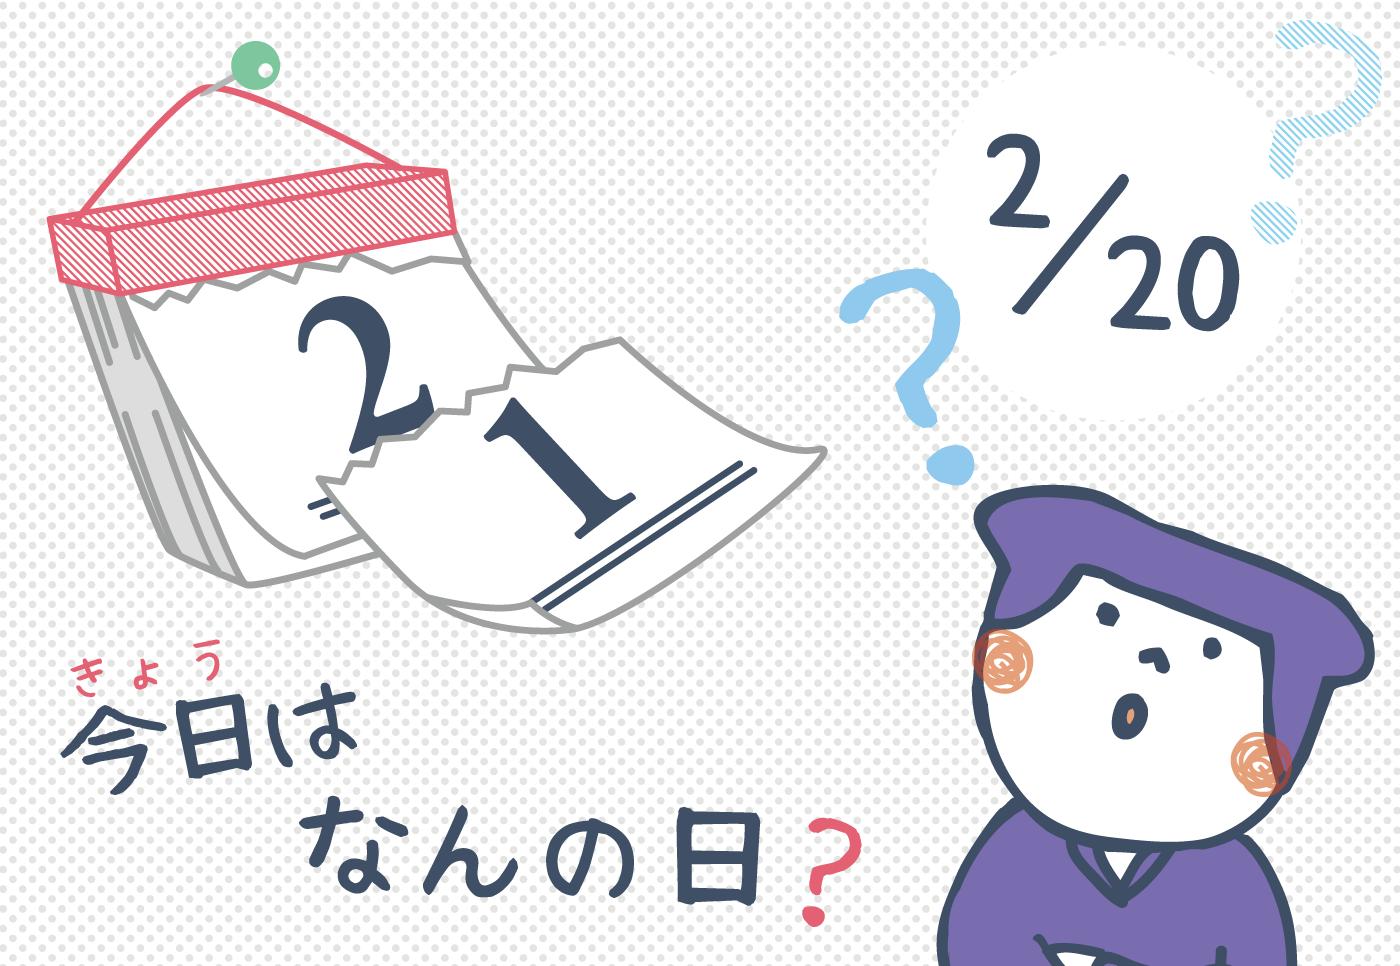 2 9 なん の 日 今日は何の日?【2月9日】 (2021年2月9日)